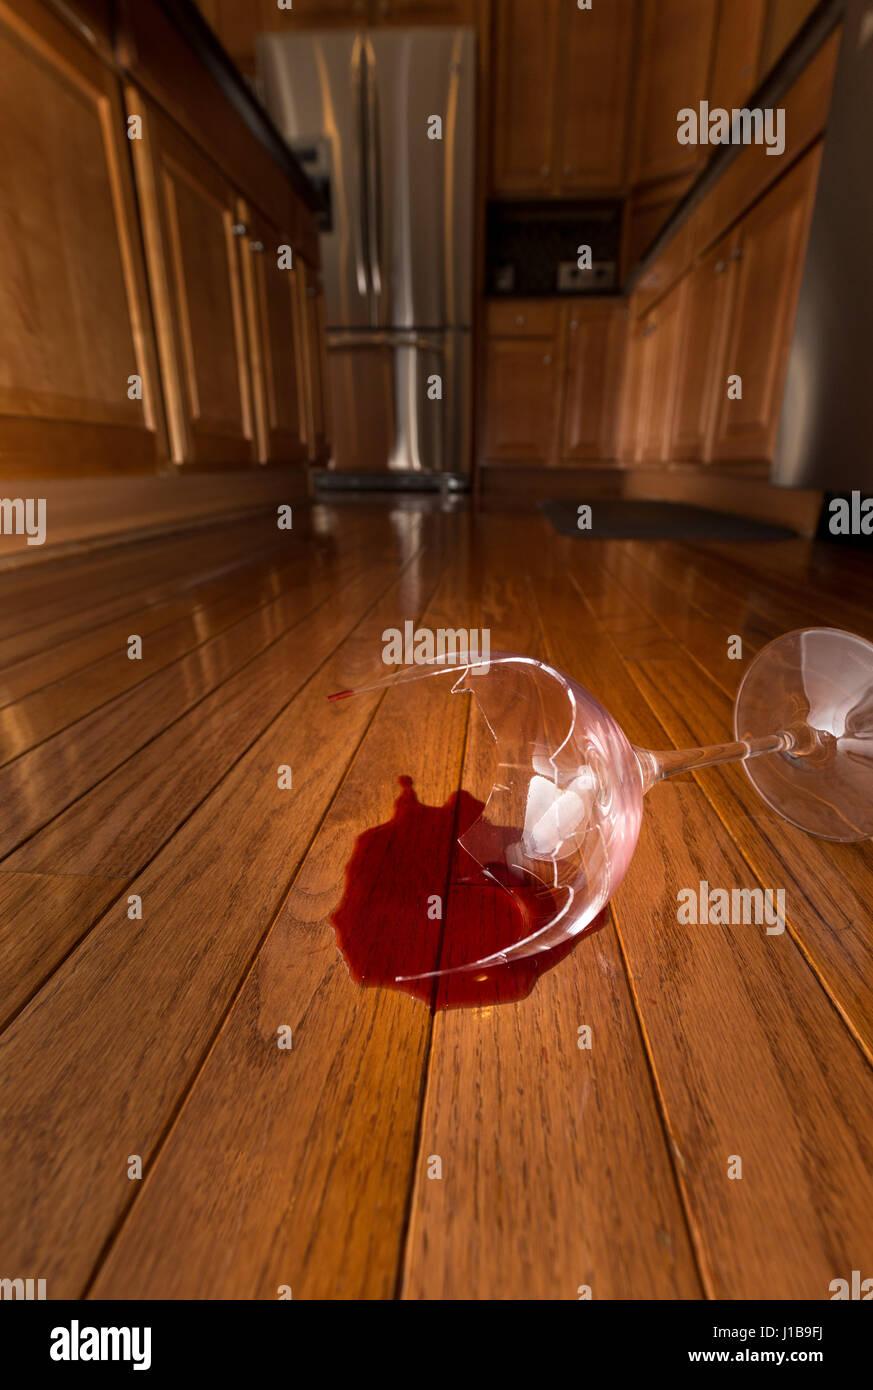 Copa de vino rota en el piso de la cocina moderna - concepto de violencia doméstica Imagen De Stock